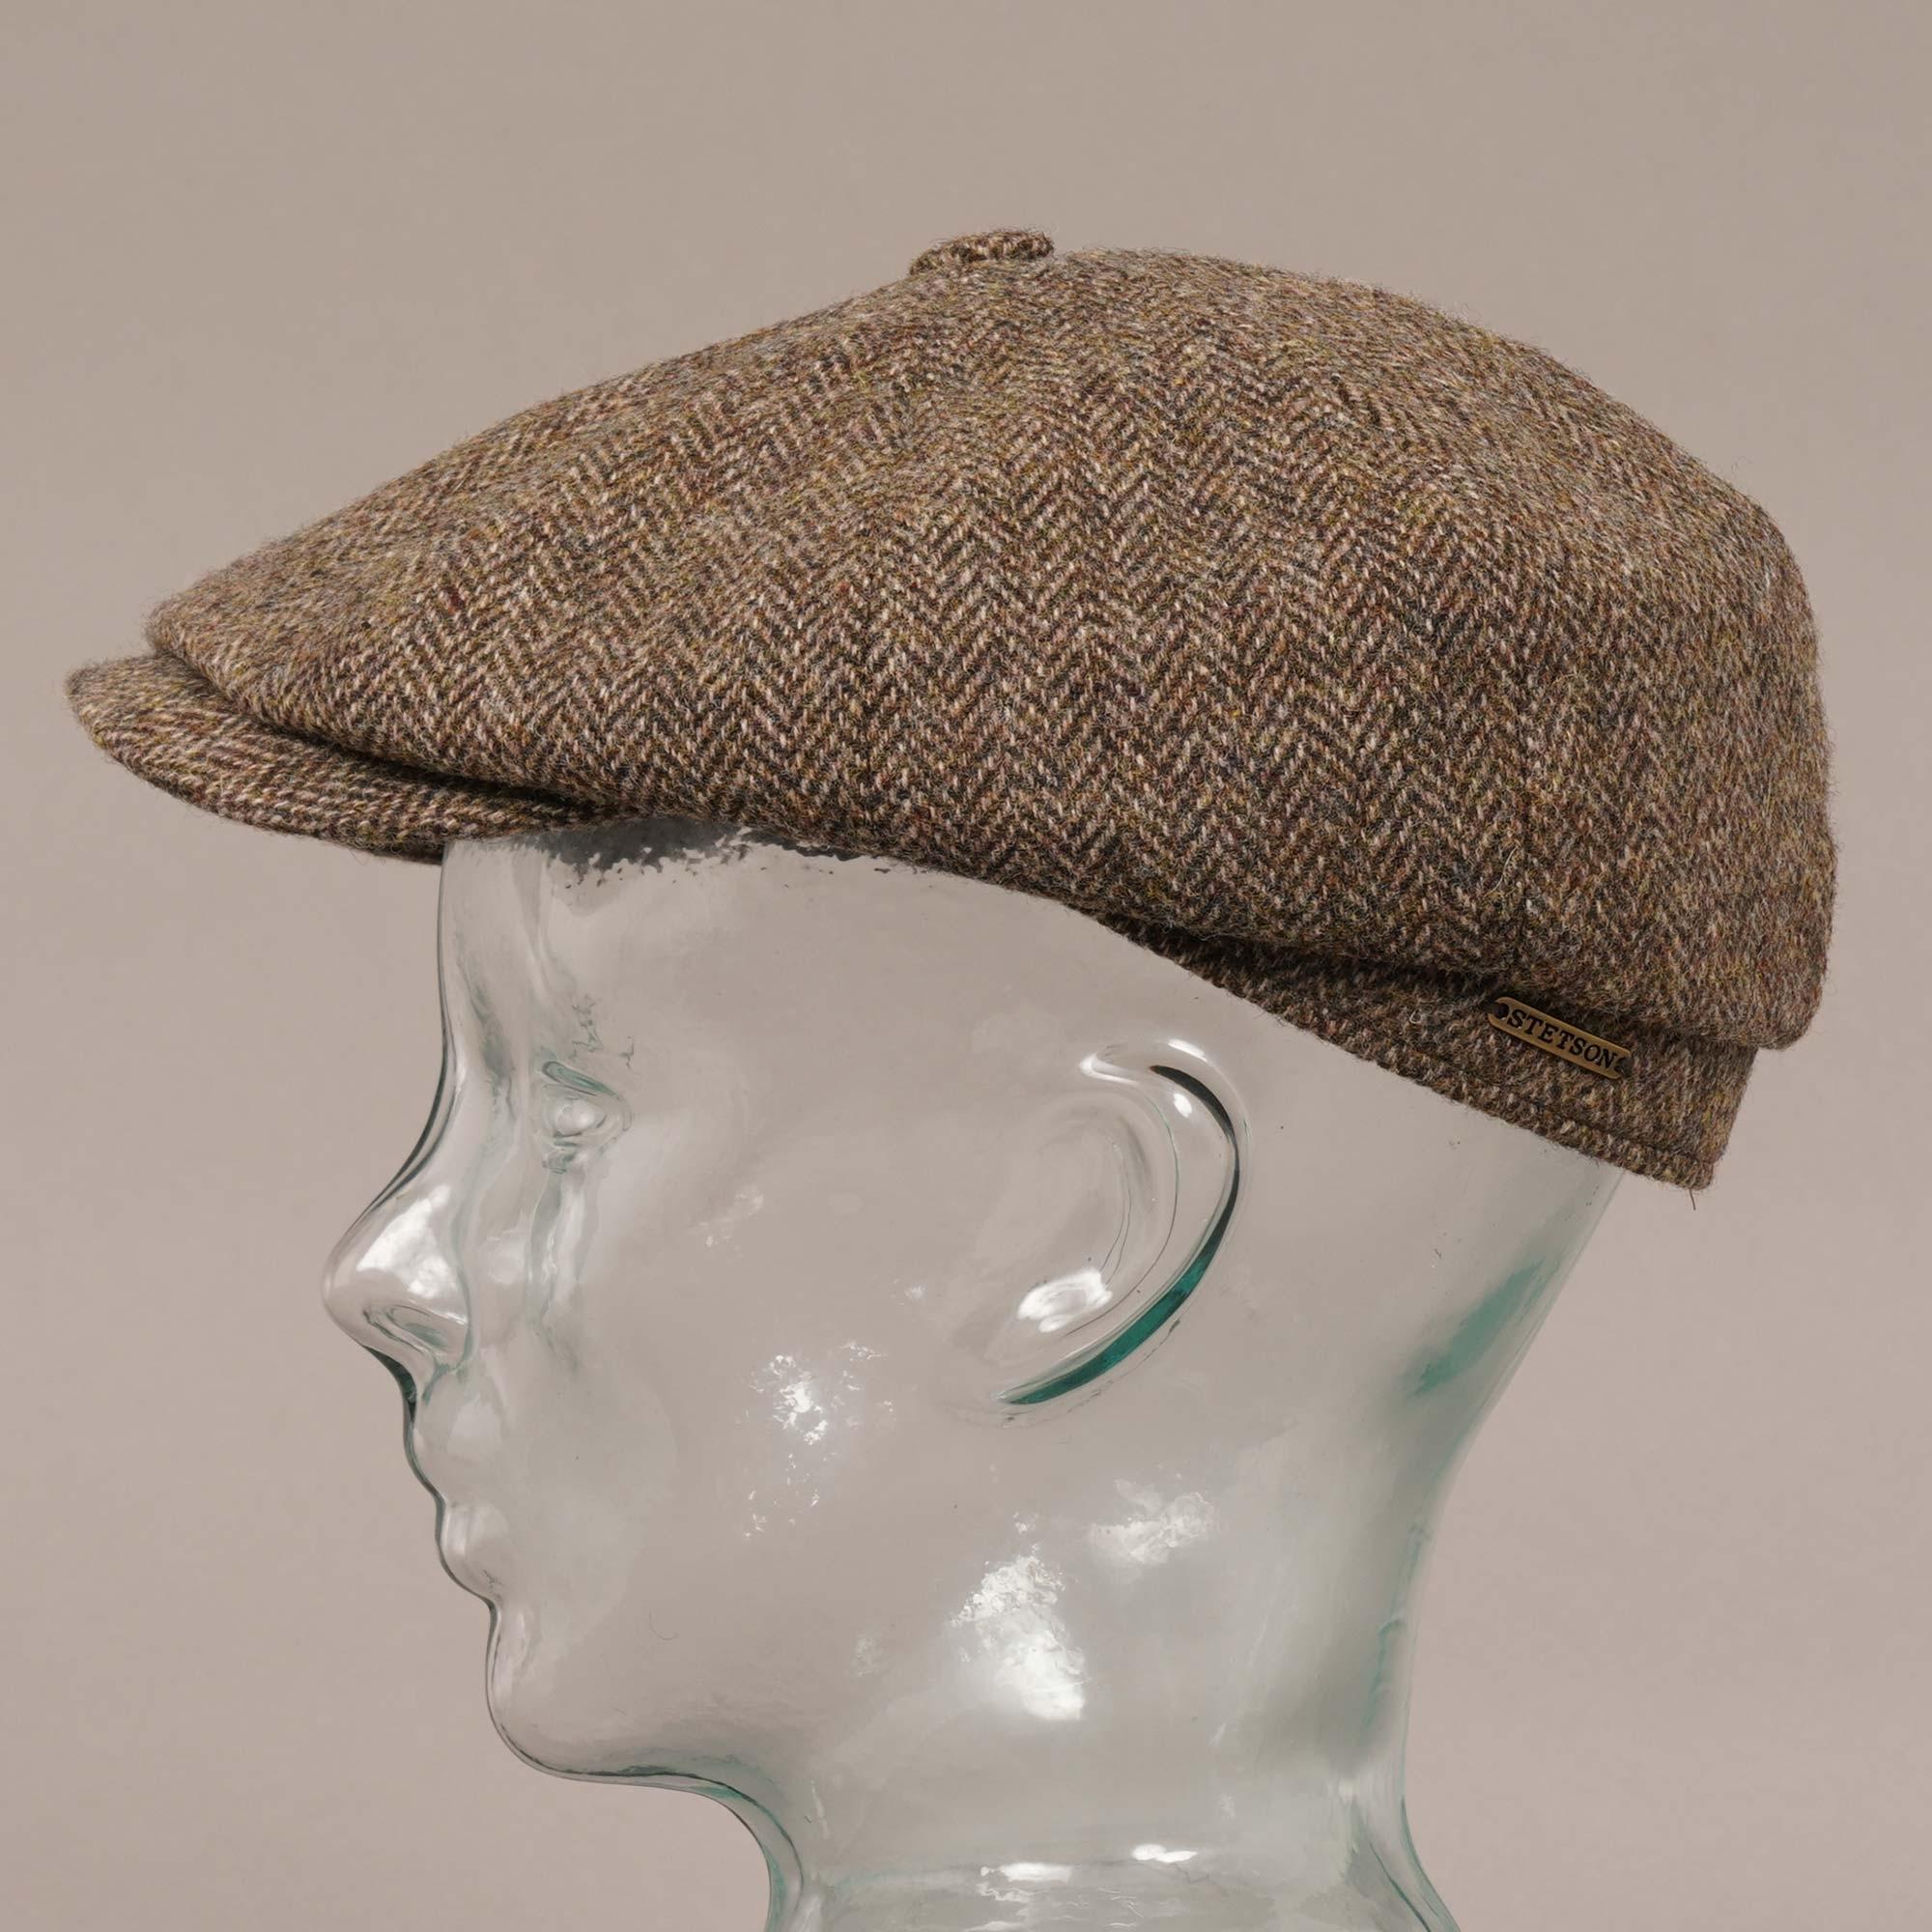 Stetson Hatteras Woolrich Herringbone Brown Newsboy Hat 6840514 365 d5e9bd1b706